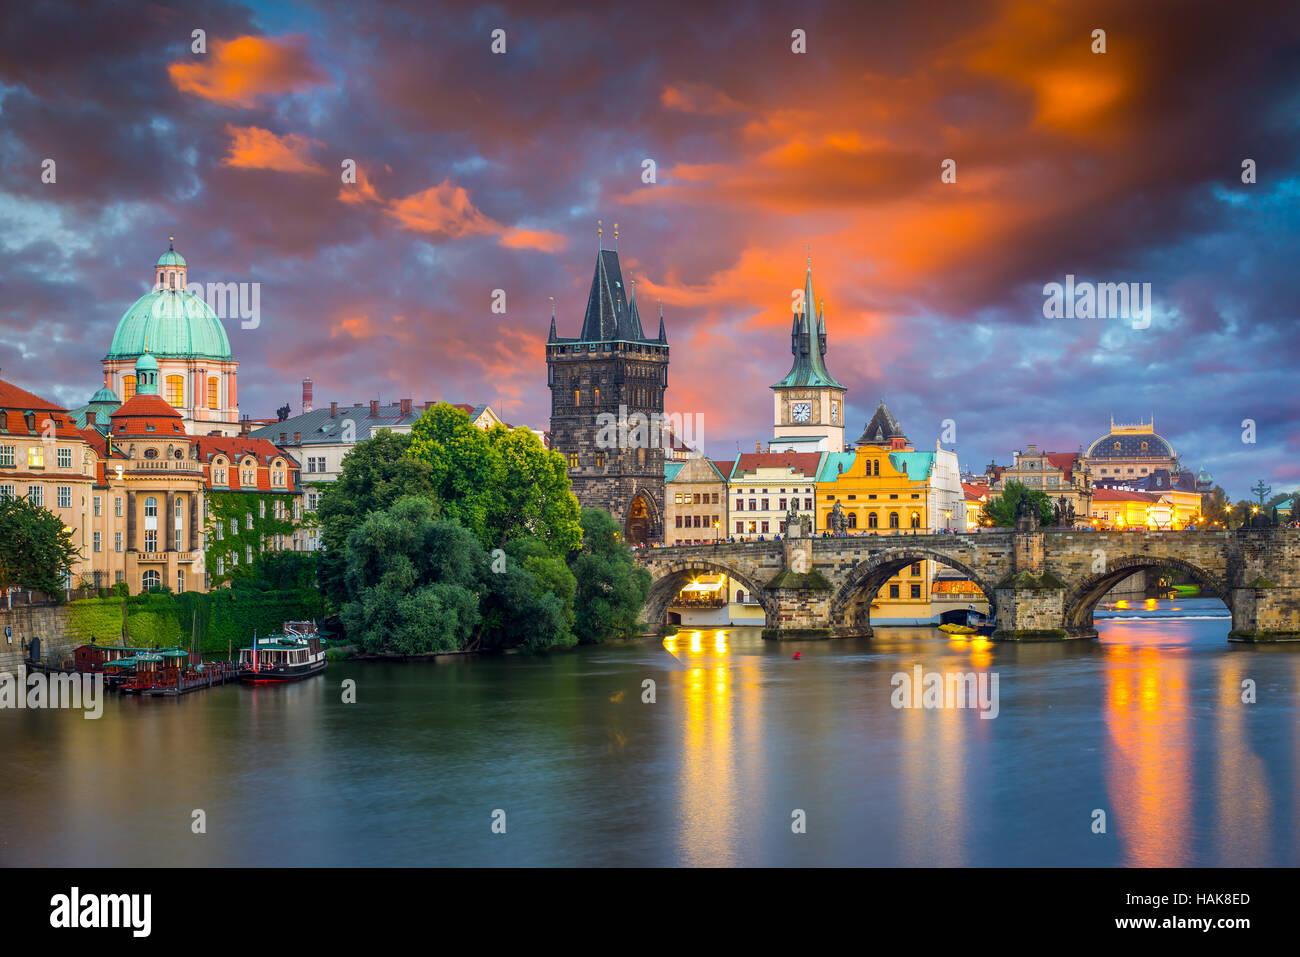 Lebendige Sonnenuntergang Gewitterhimmel über den Fluss Vltava und Charles Bridge Prag Tschechische Republik Stockbild